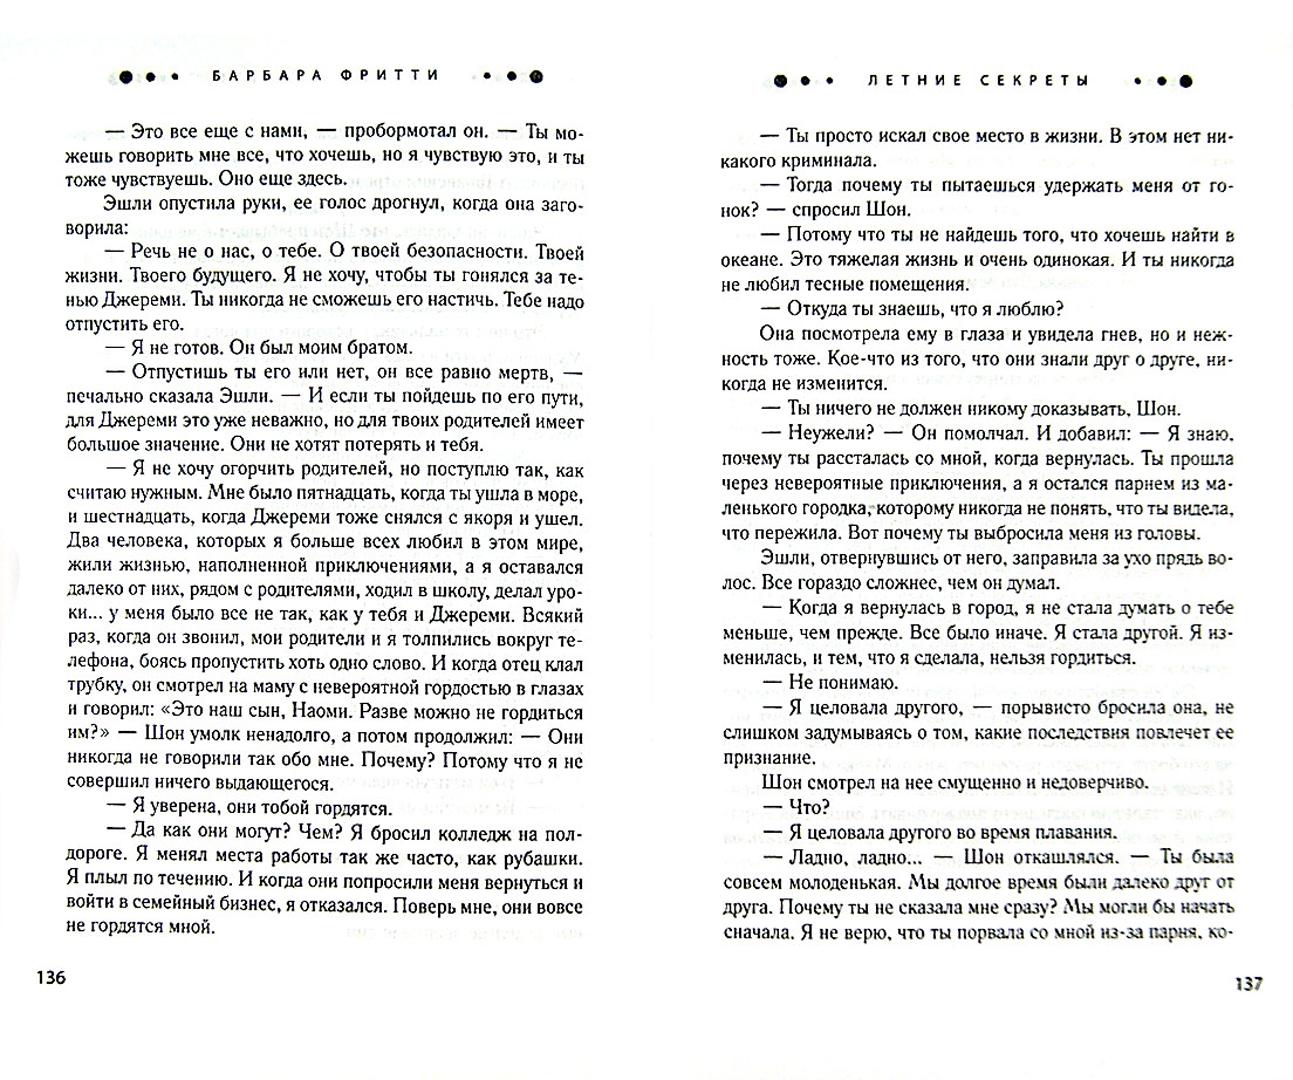 Иллюстрация 1 из 17 для Летние секреты - Барбара Фритти | Лабиринт - книги. Источник: Лабиринт